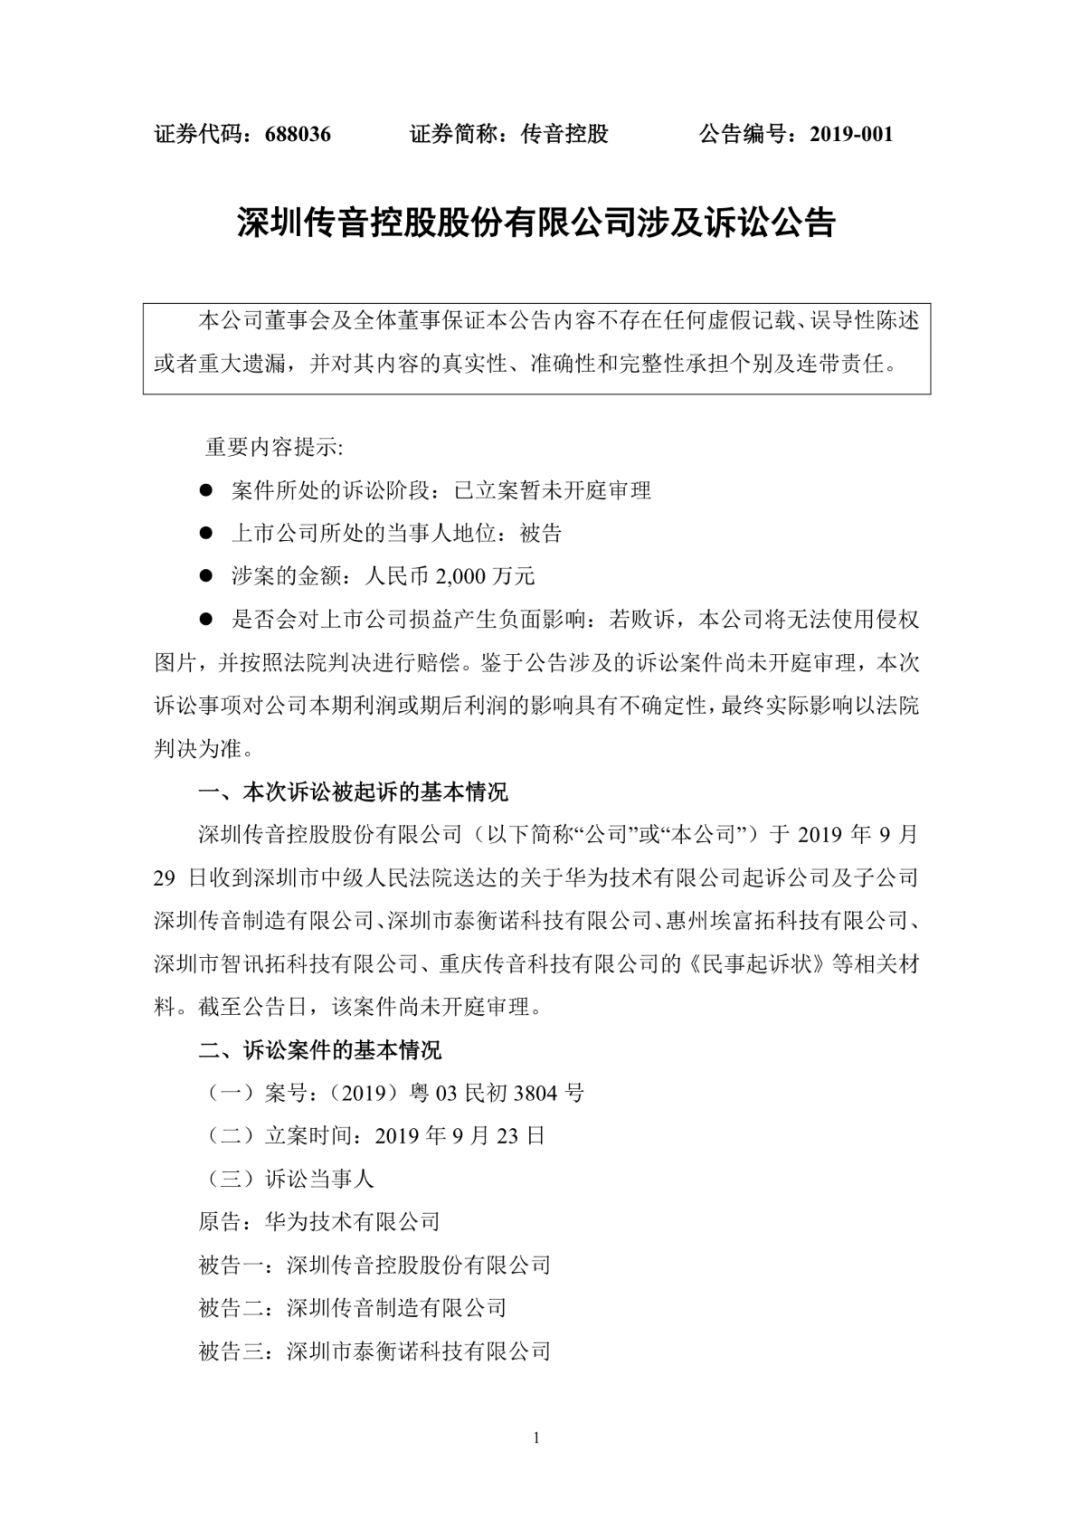 """传音涉侵权遭华为索赔2000万 研发投入不足或是""""硬伤"""""""